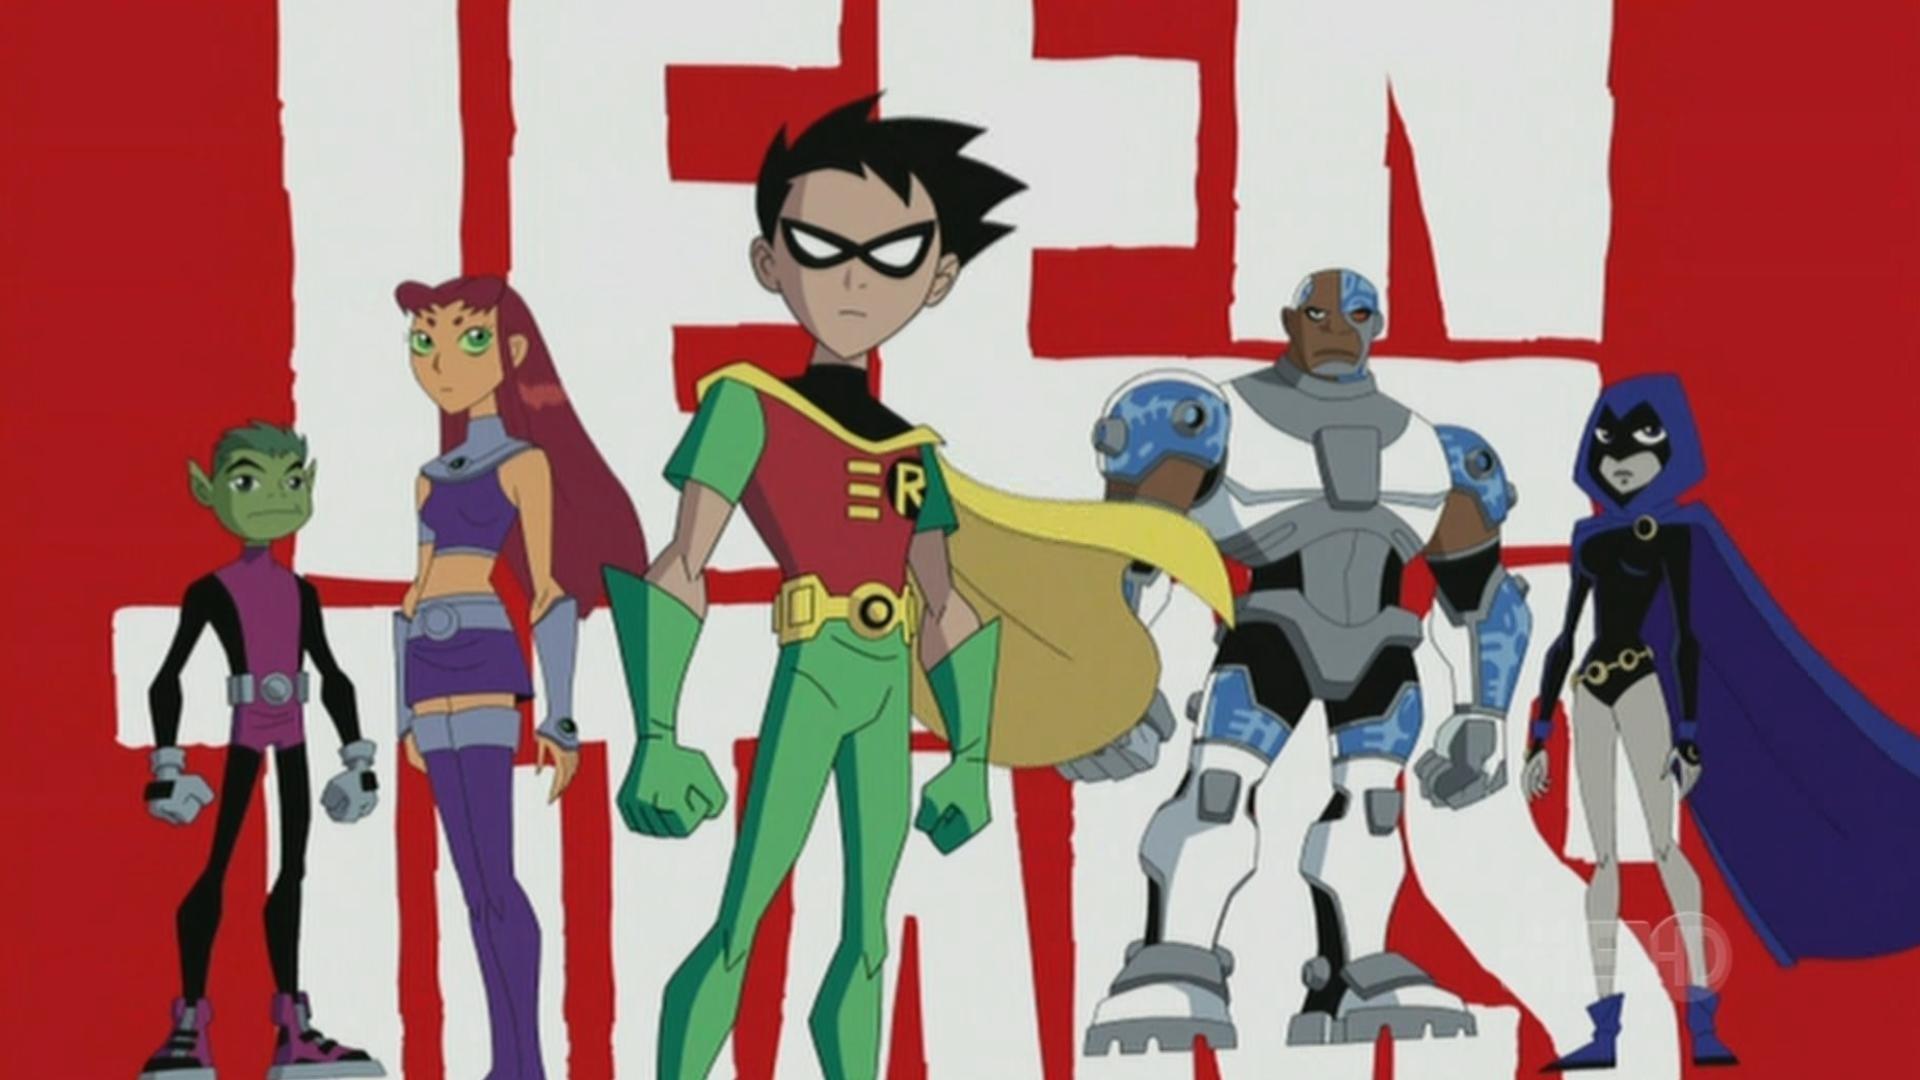 Teen Titans - 90s Cartoons